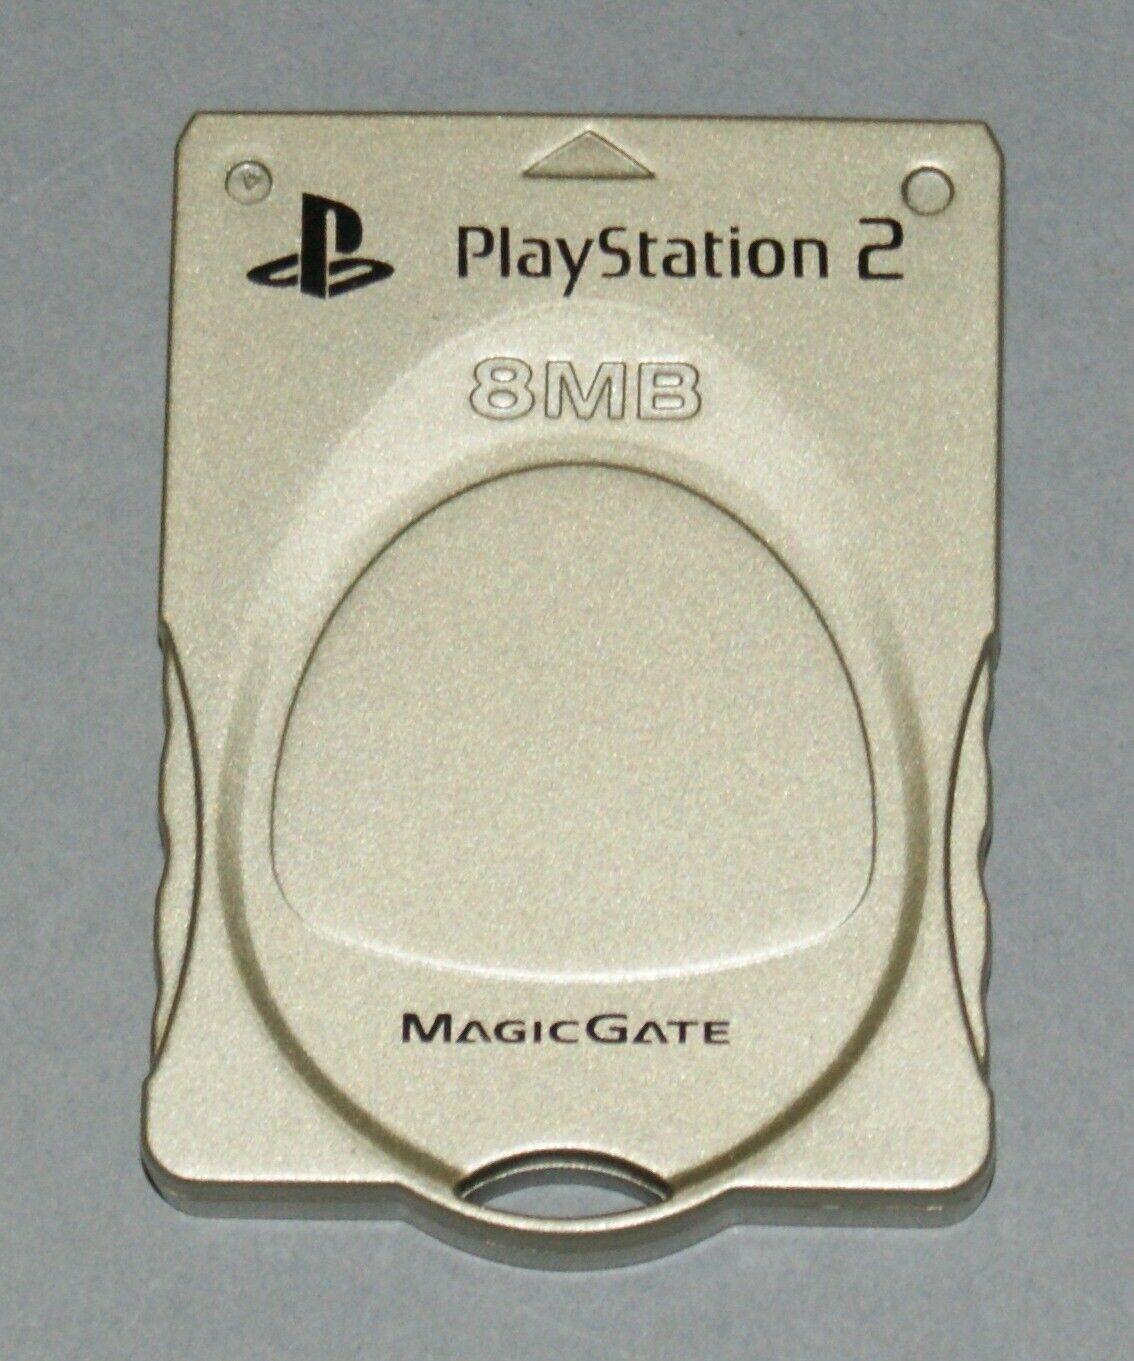 Gold 8MB PS2 Memory Card - Sony PlayStation 2 - Tested Kotobuki Magic Gate